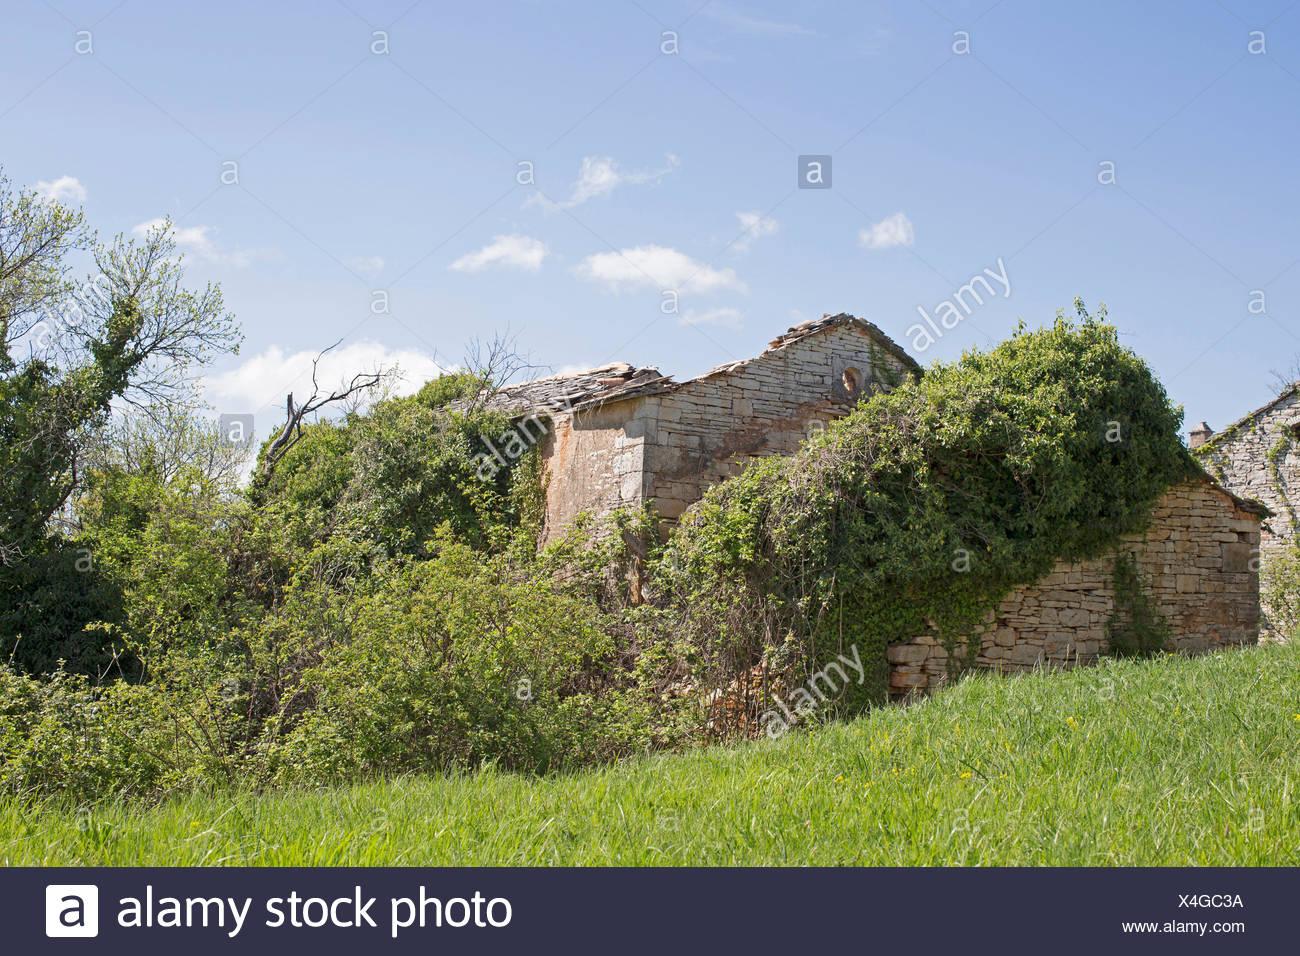 Maisons abandonnées et vefallene avec des plantes envahies idylliques caractérisent le paysage idyllique Banque D'Images